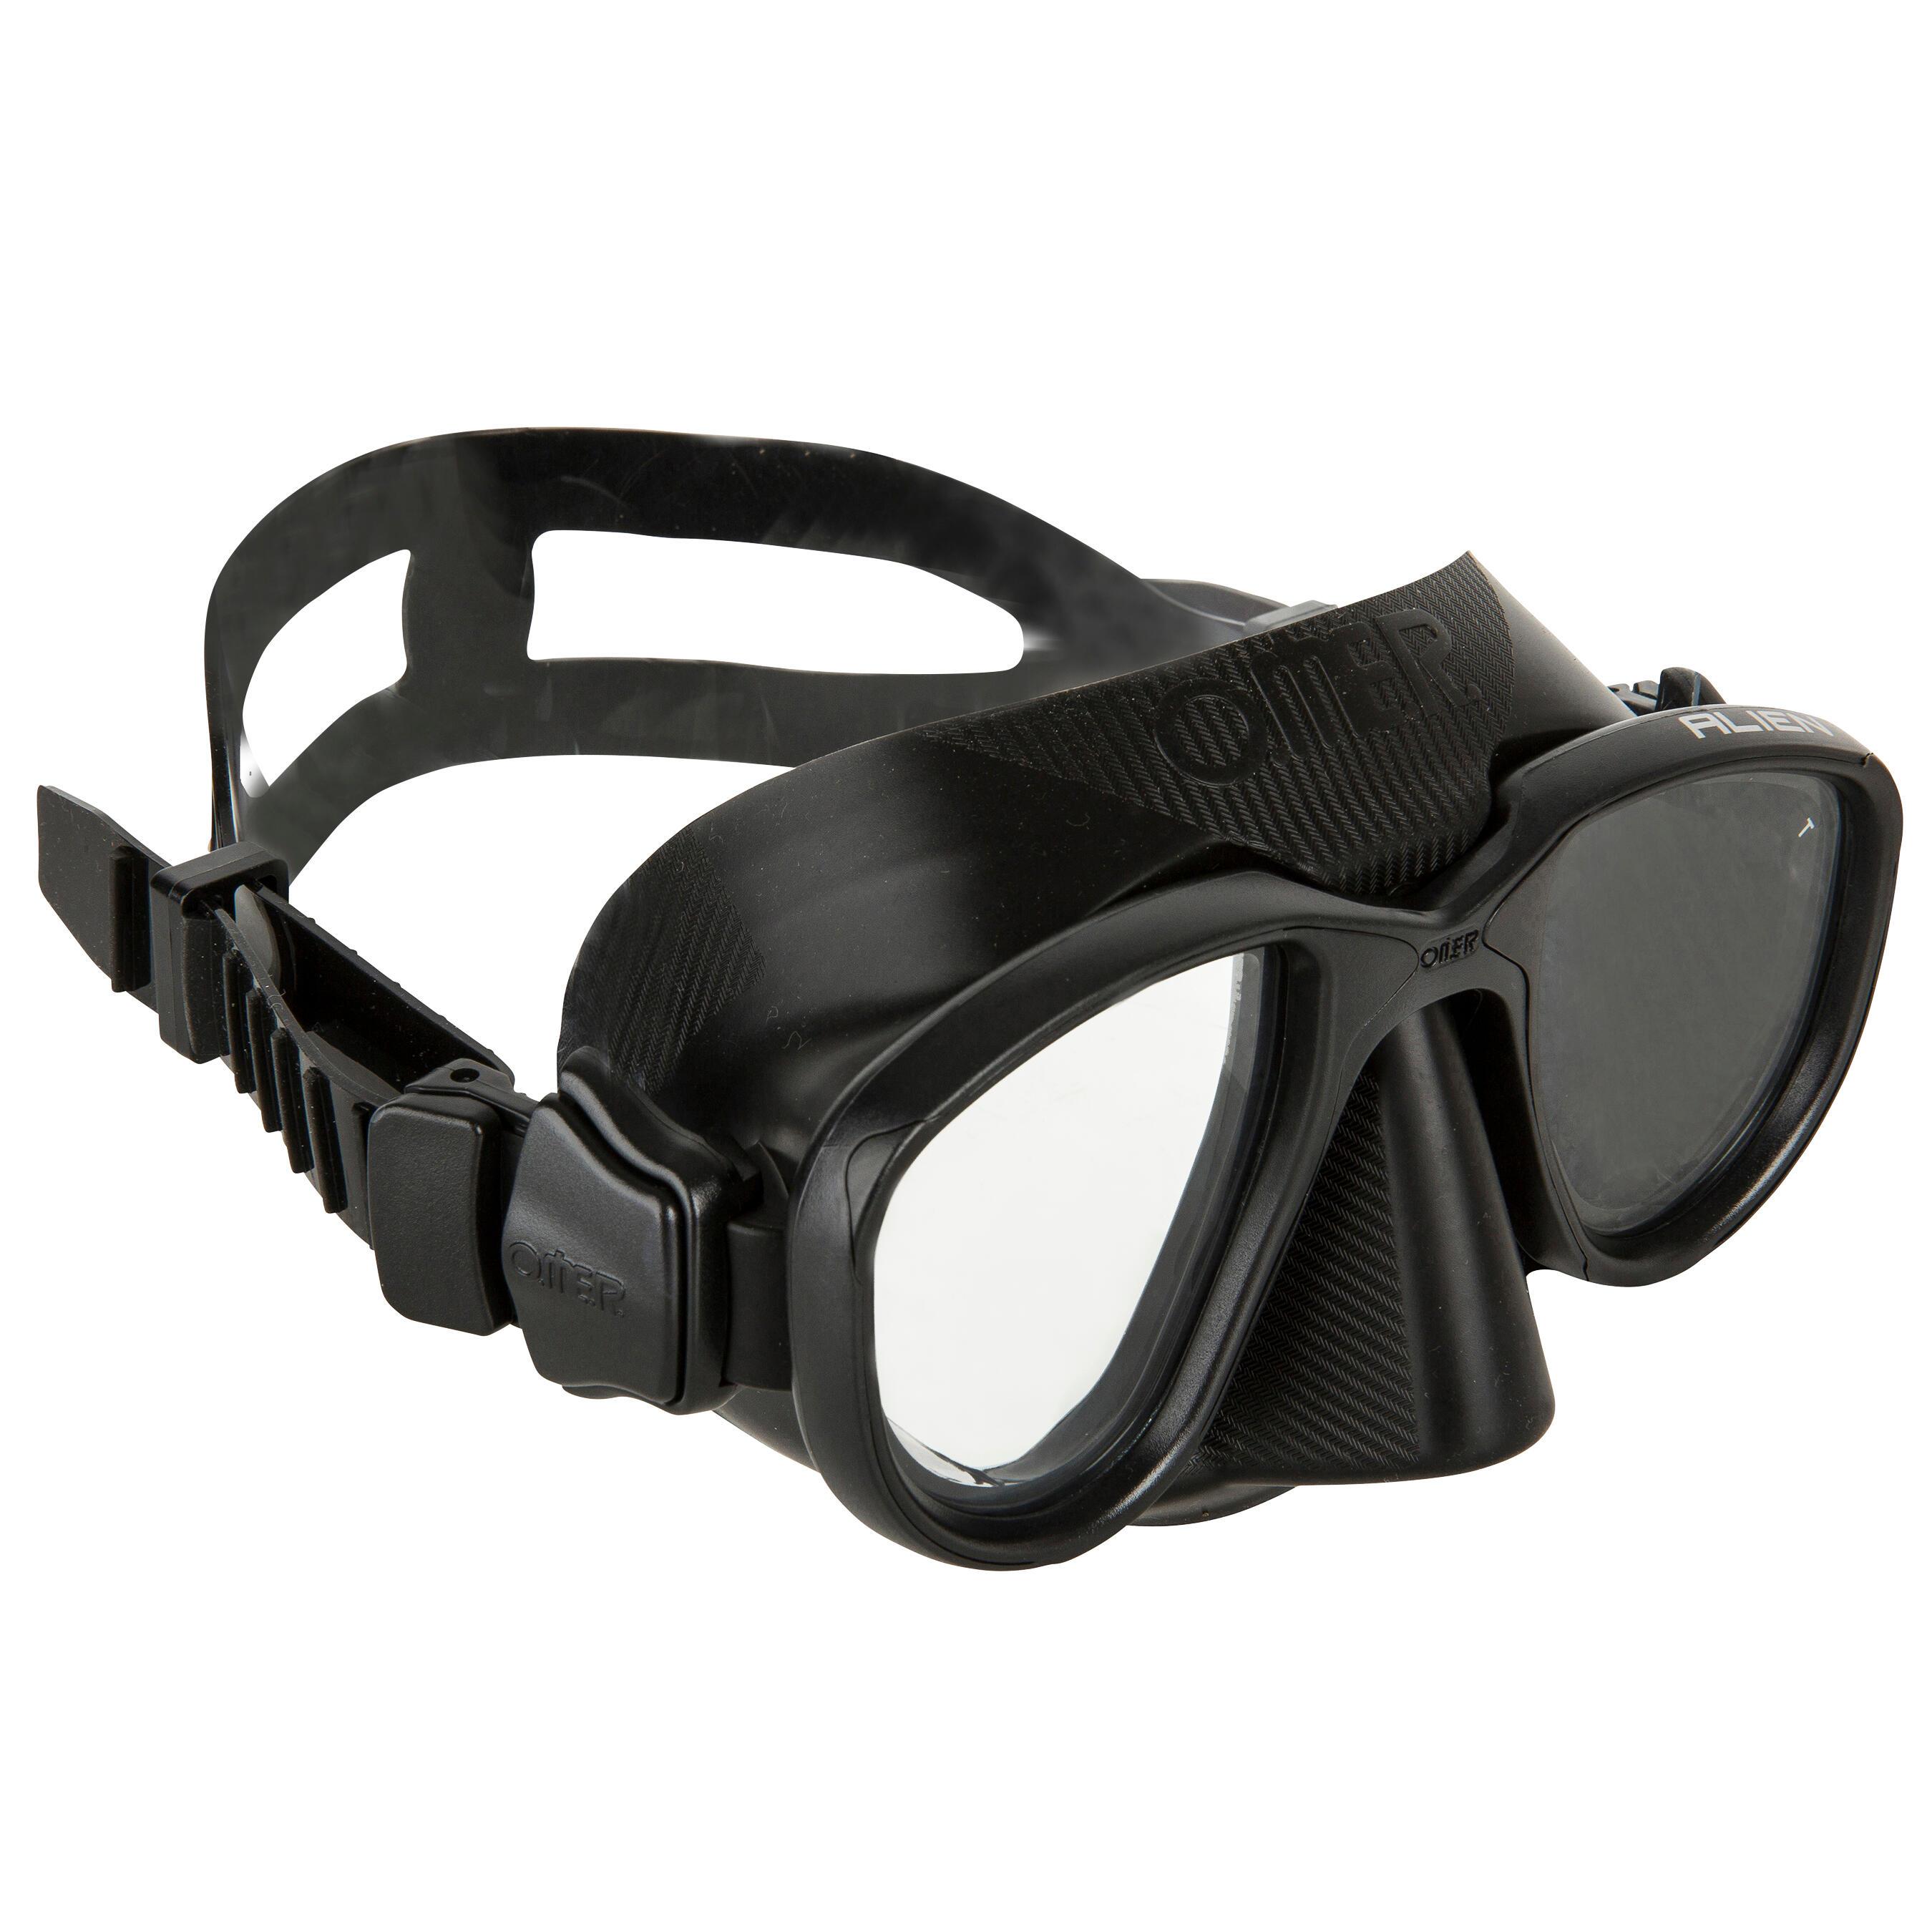 Omer Duikbril Alien zwart voor freediving kopen? Leest dit eerst: Duikmasker en snorkel Duikmasker met korting